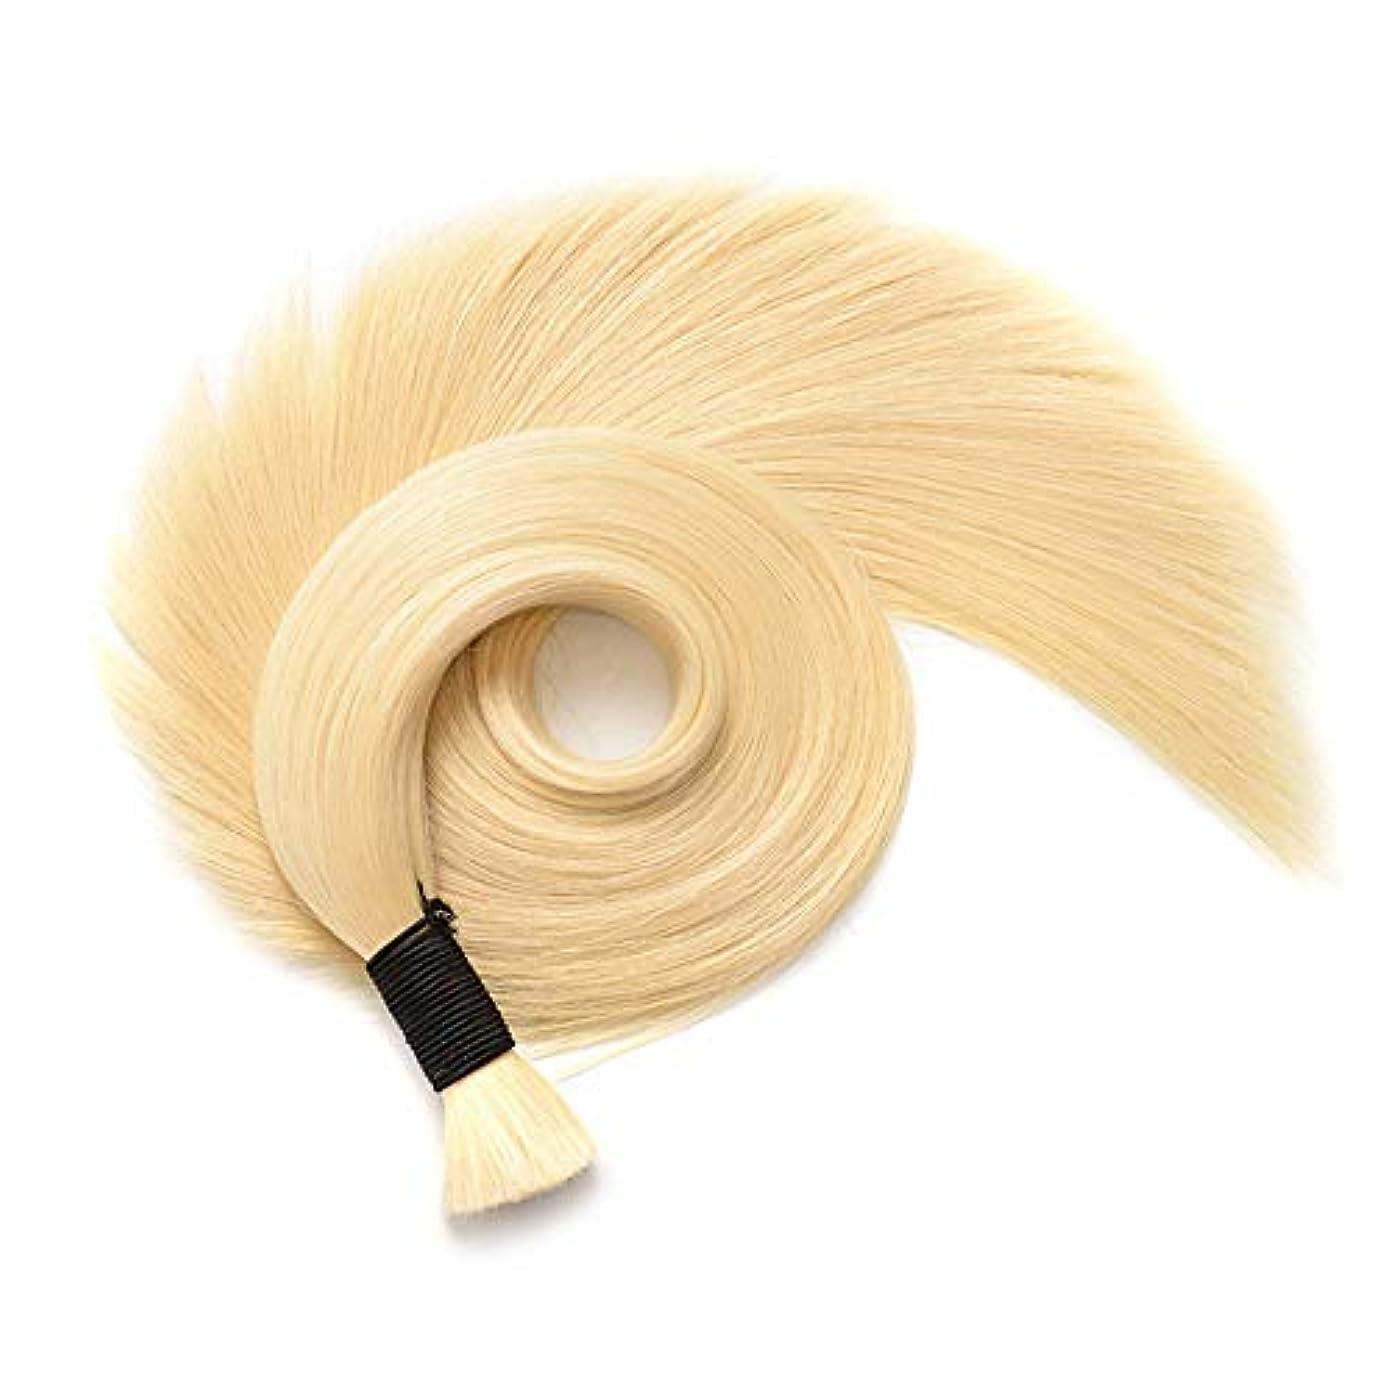 研究資料エレベーターJULYTER 華麗なブロンドの人間の毛髪延長剤曲がりくねったナノリングヘアエクステンション50g /パッケージ (色 : 70cm)